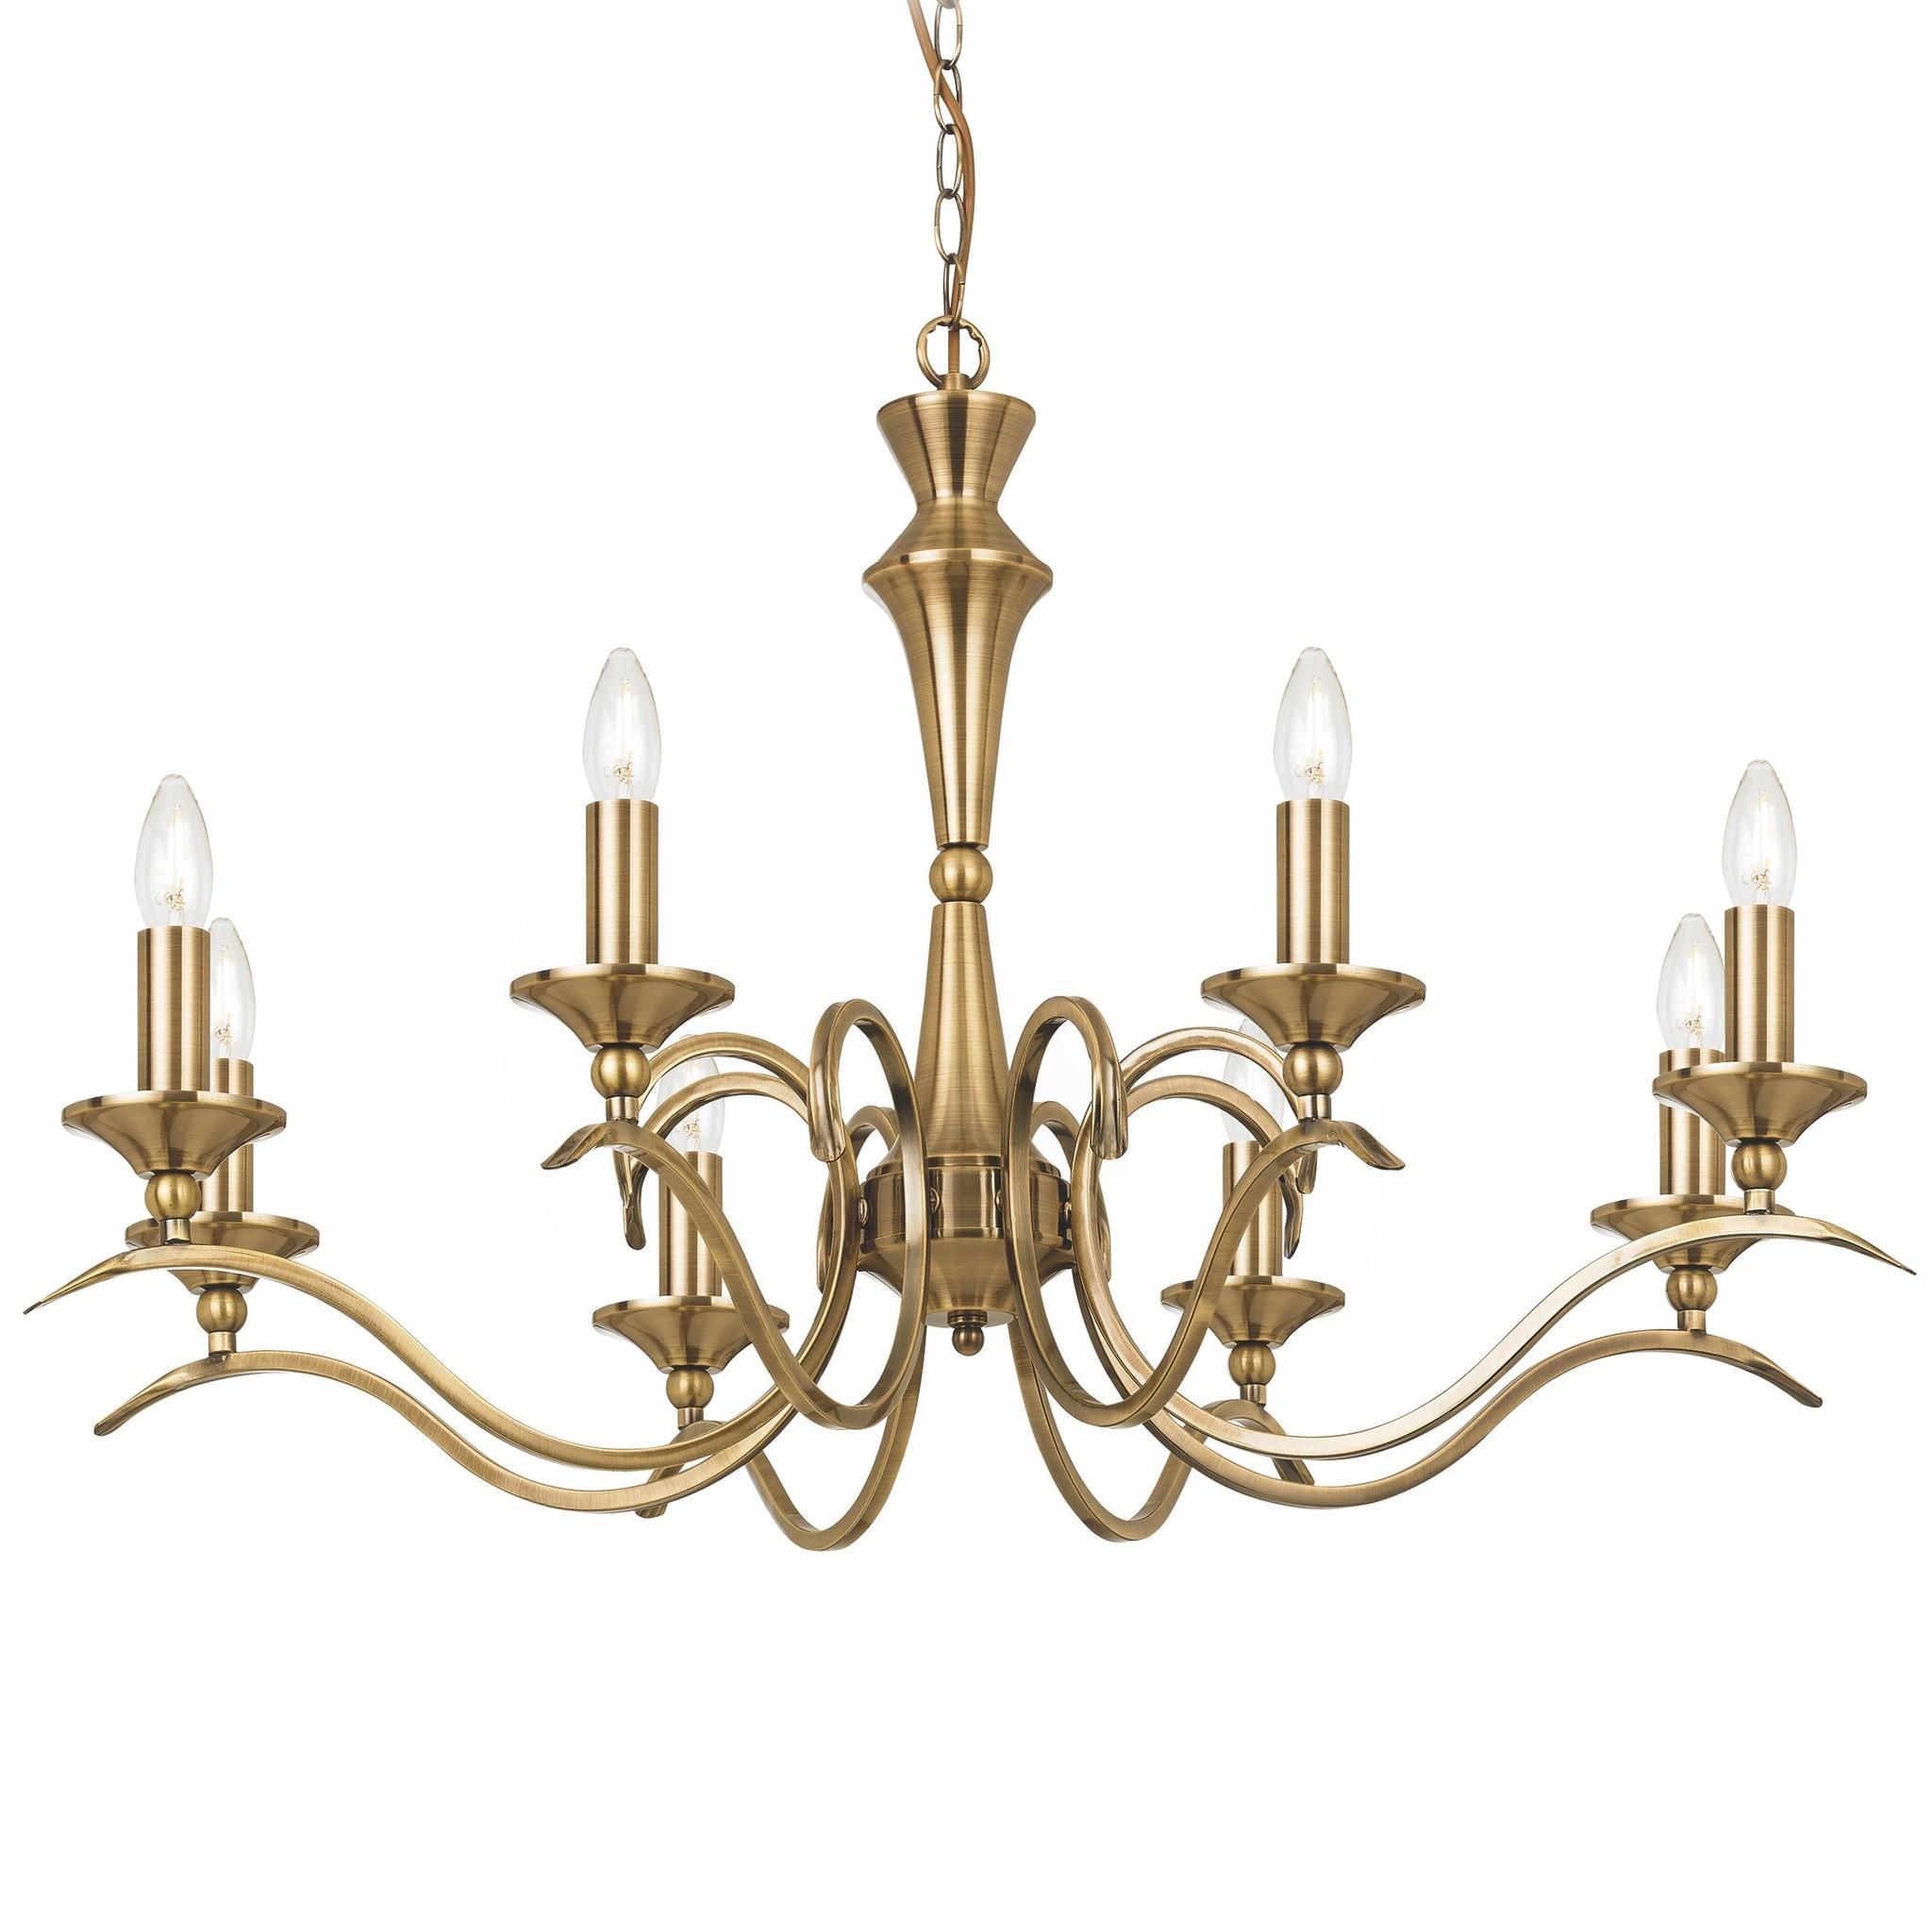 Coralline 8 light antique brass chandelier